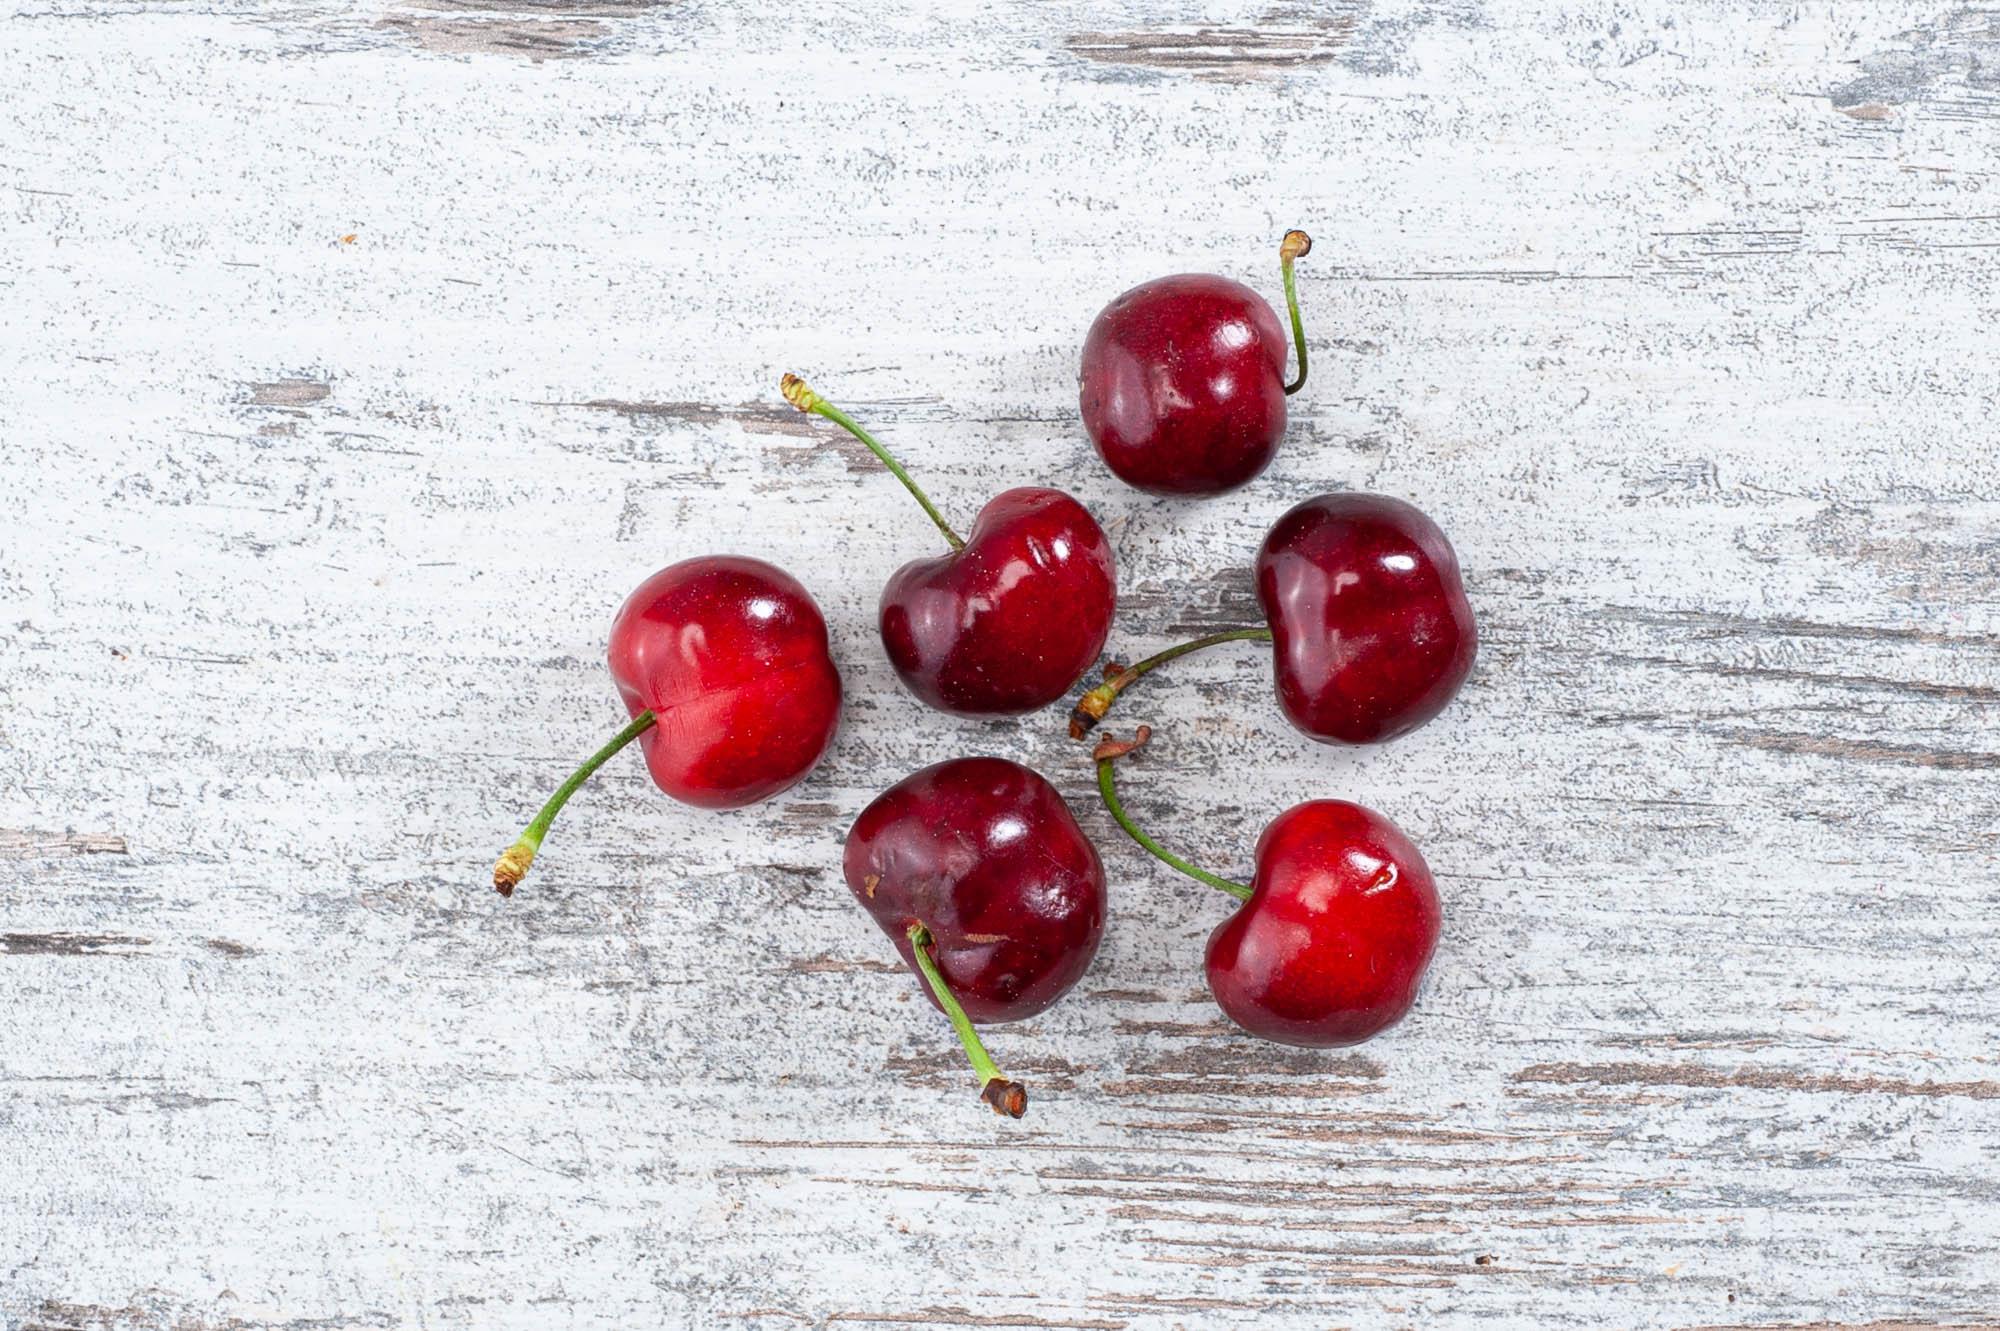 cherry, cherries